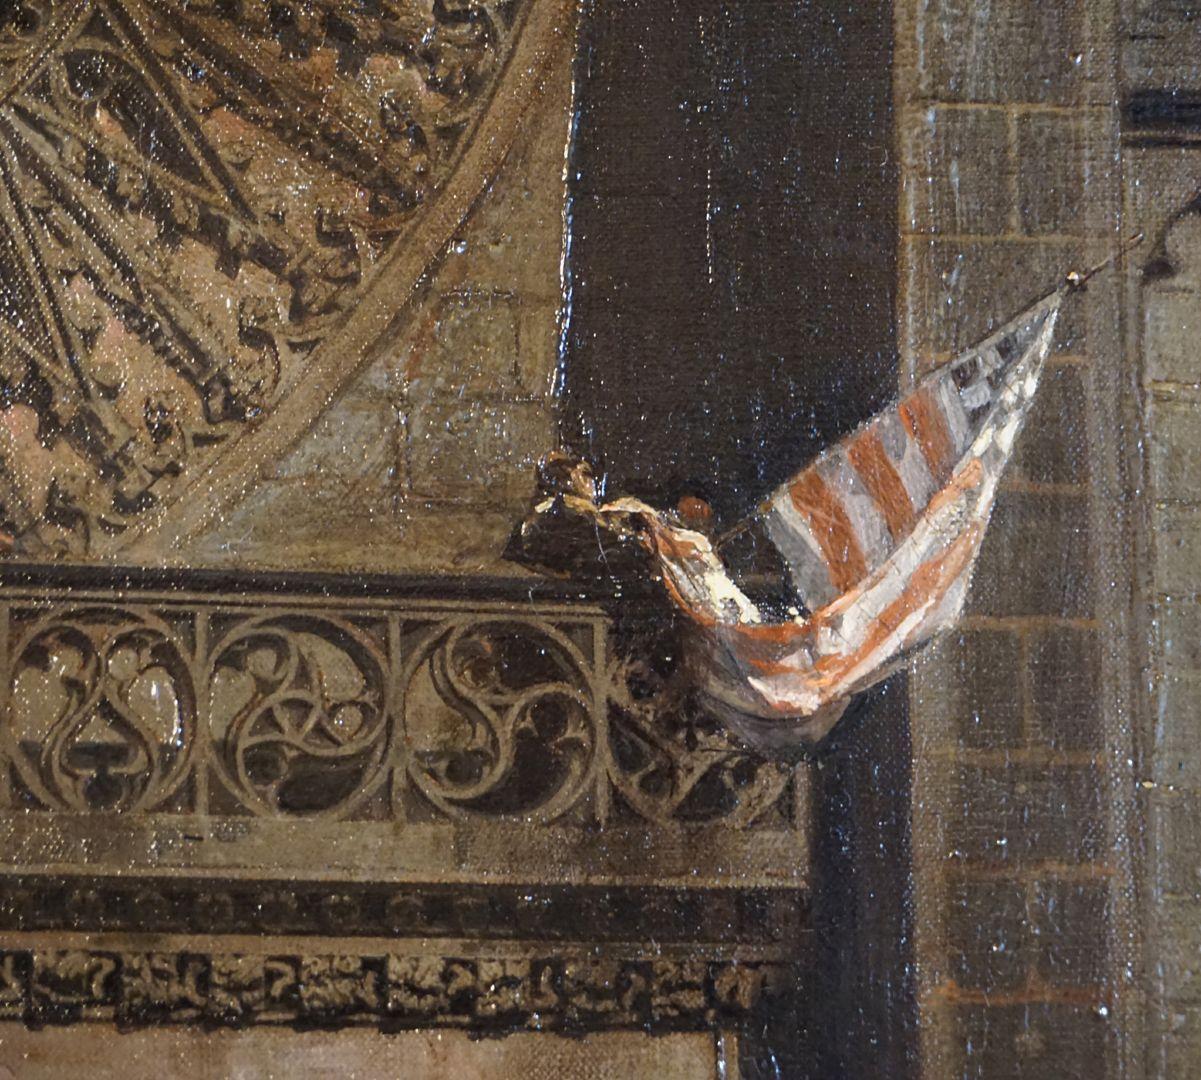 Abschiedsszene Gustav Adolfs und seines Gefolges Laufgang mit Maßwerkbrüstung über dem Hauptportal mit Fahne